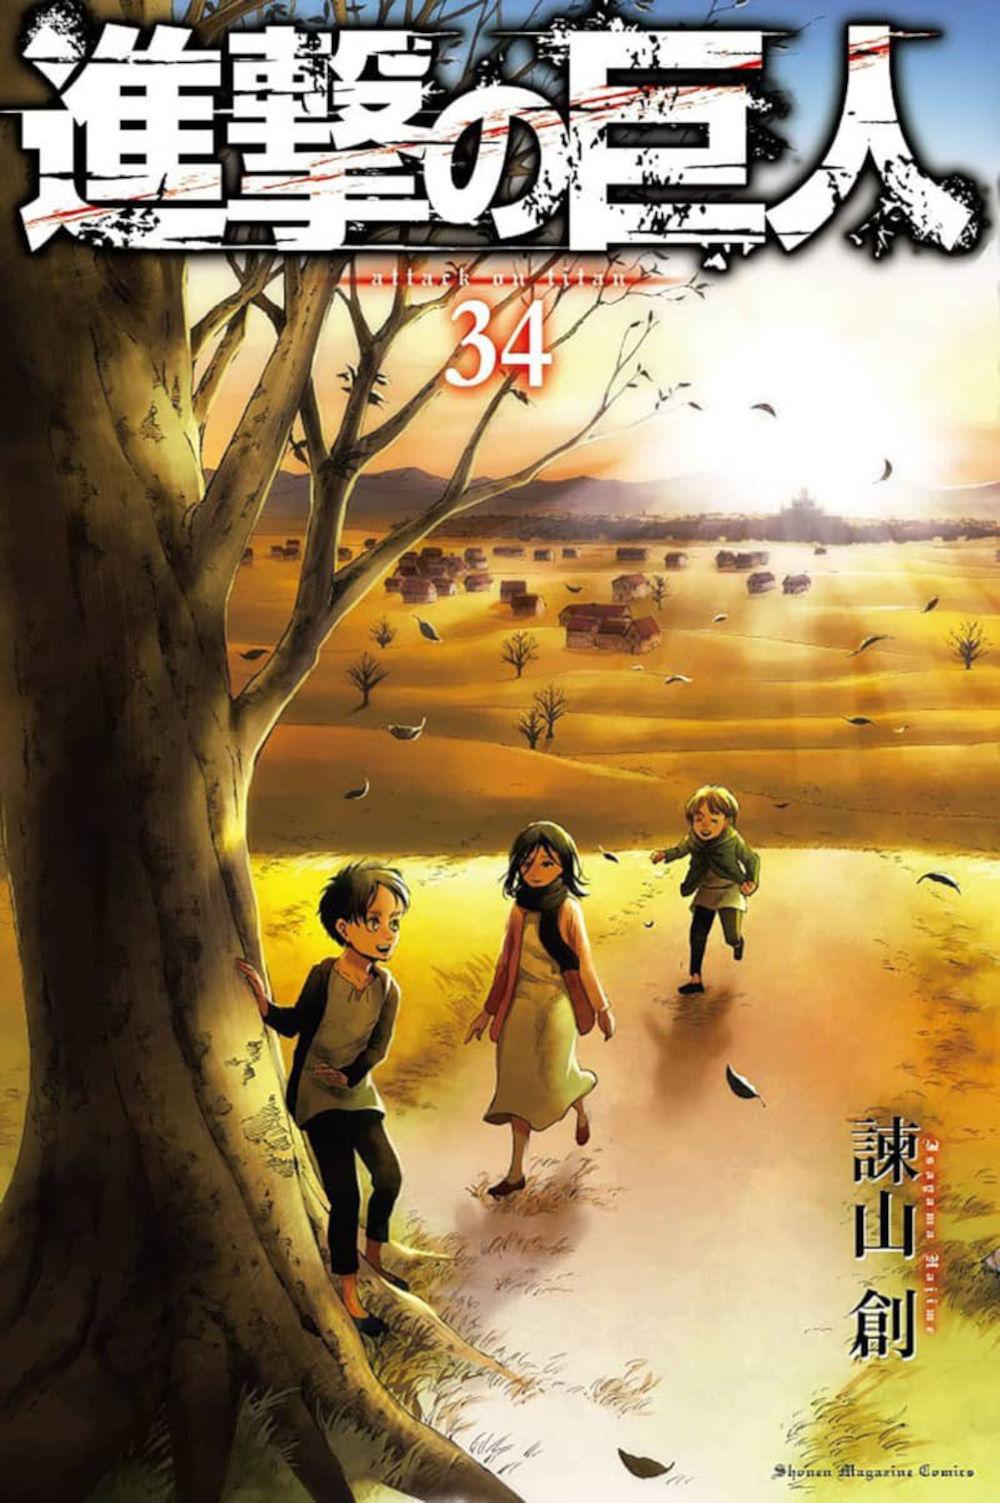 Kodansha promociona el último volumen de Shingeki no Kyojin